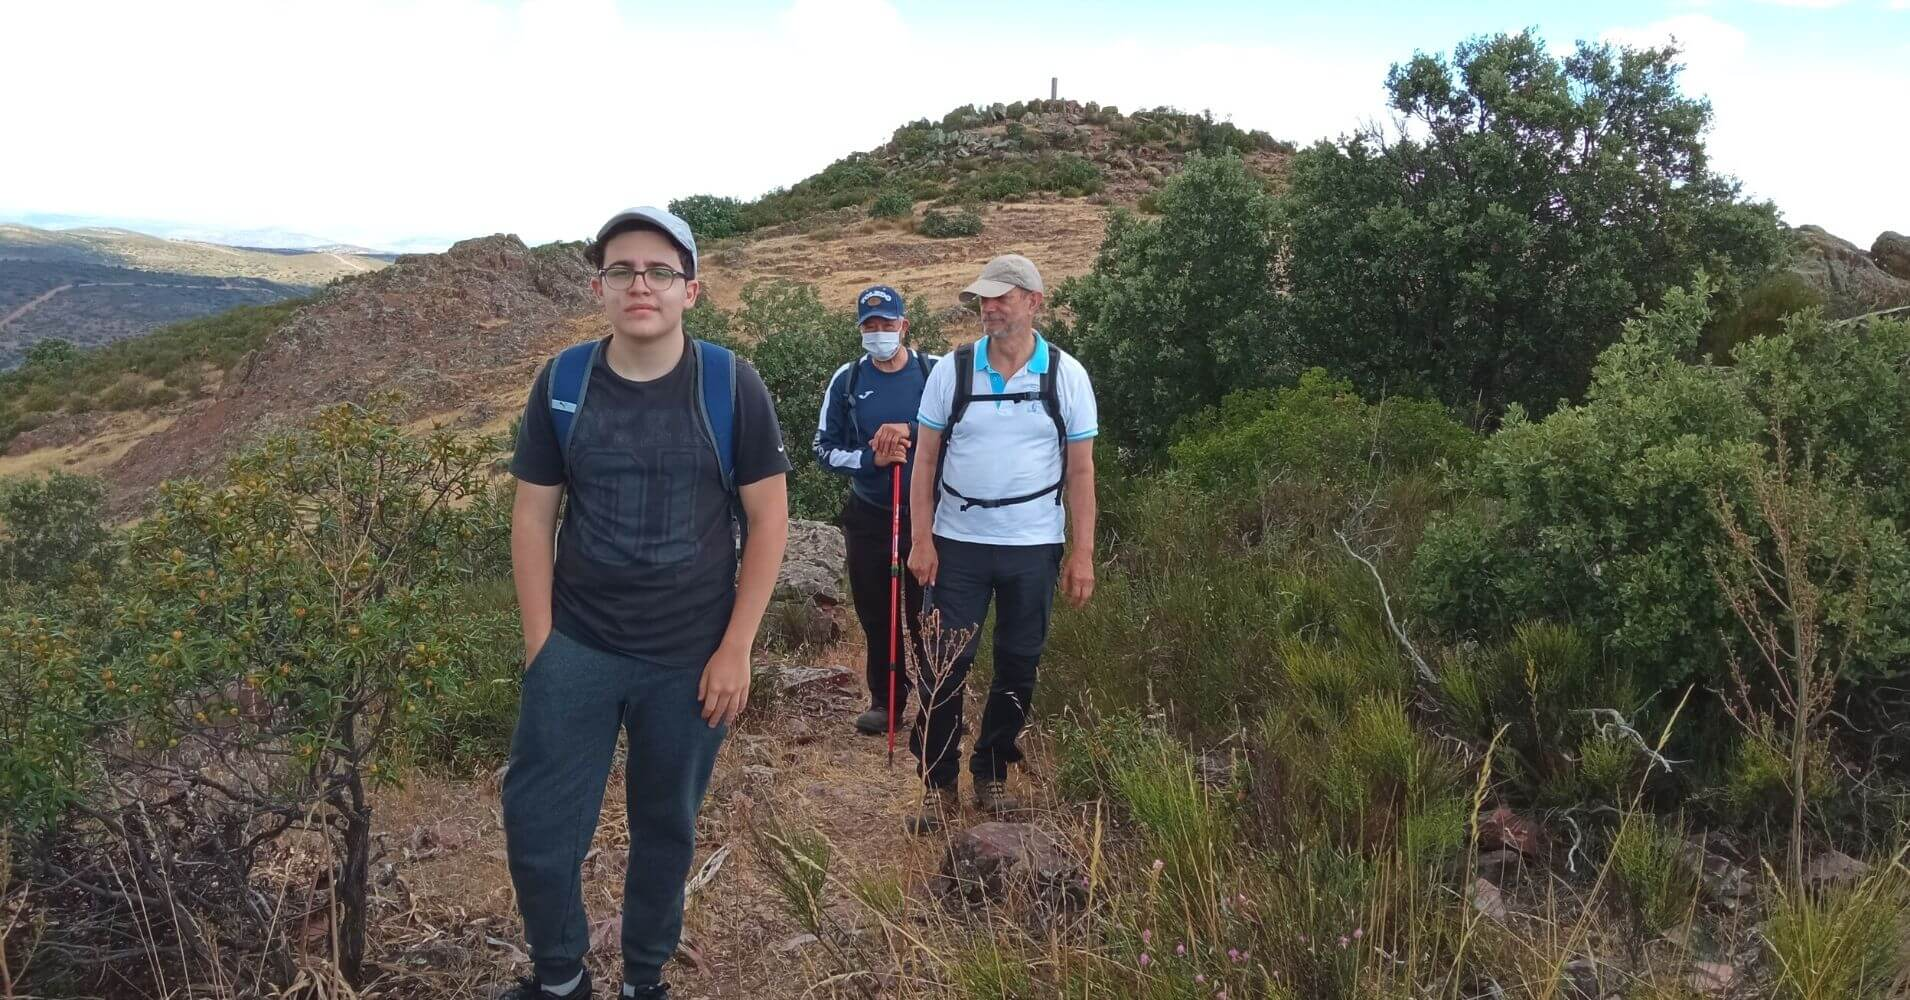 Bajada del Pico Mingoliva. Montes de Toledo. Madridejos. Toledo. Castilla la Mancha.